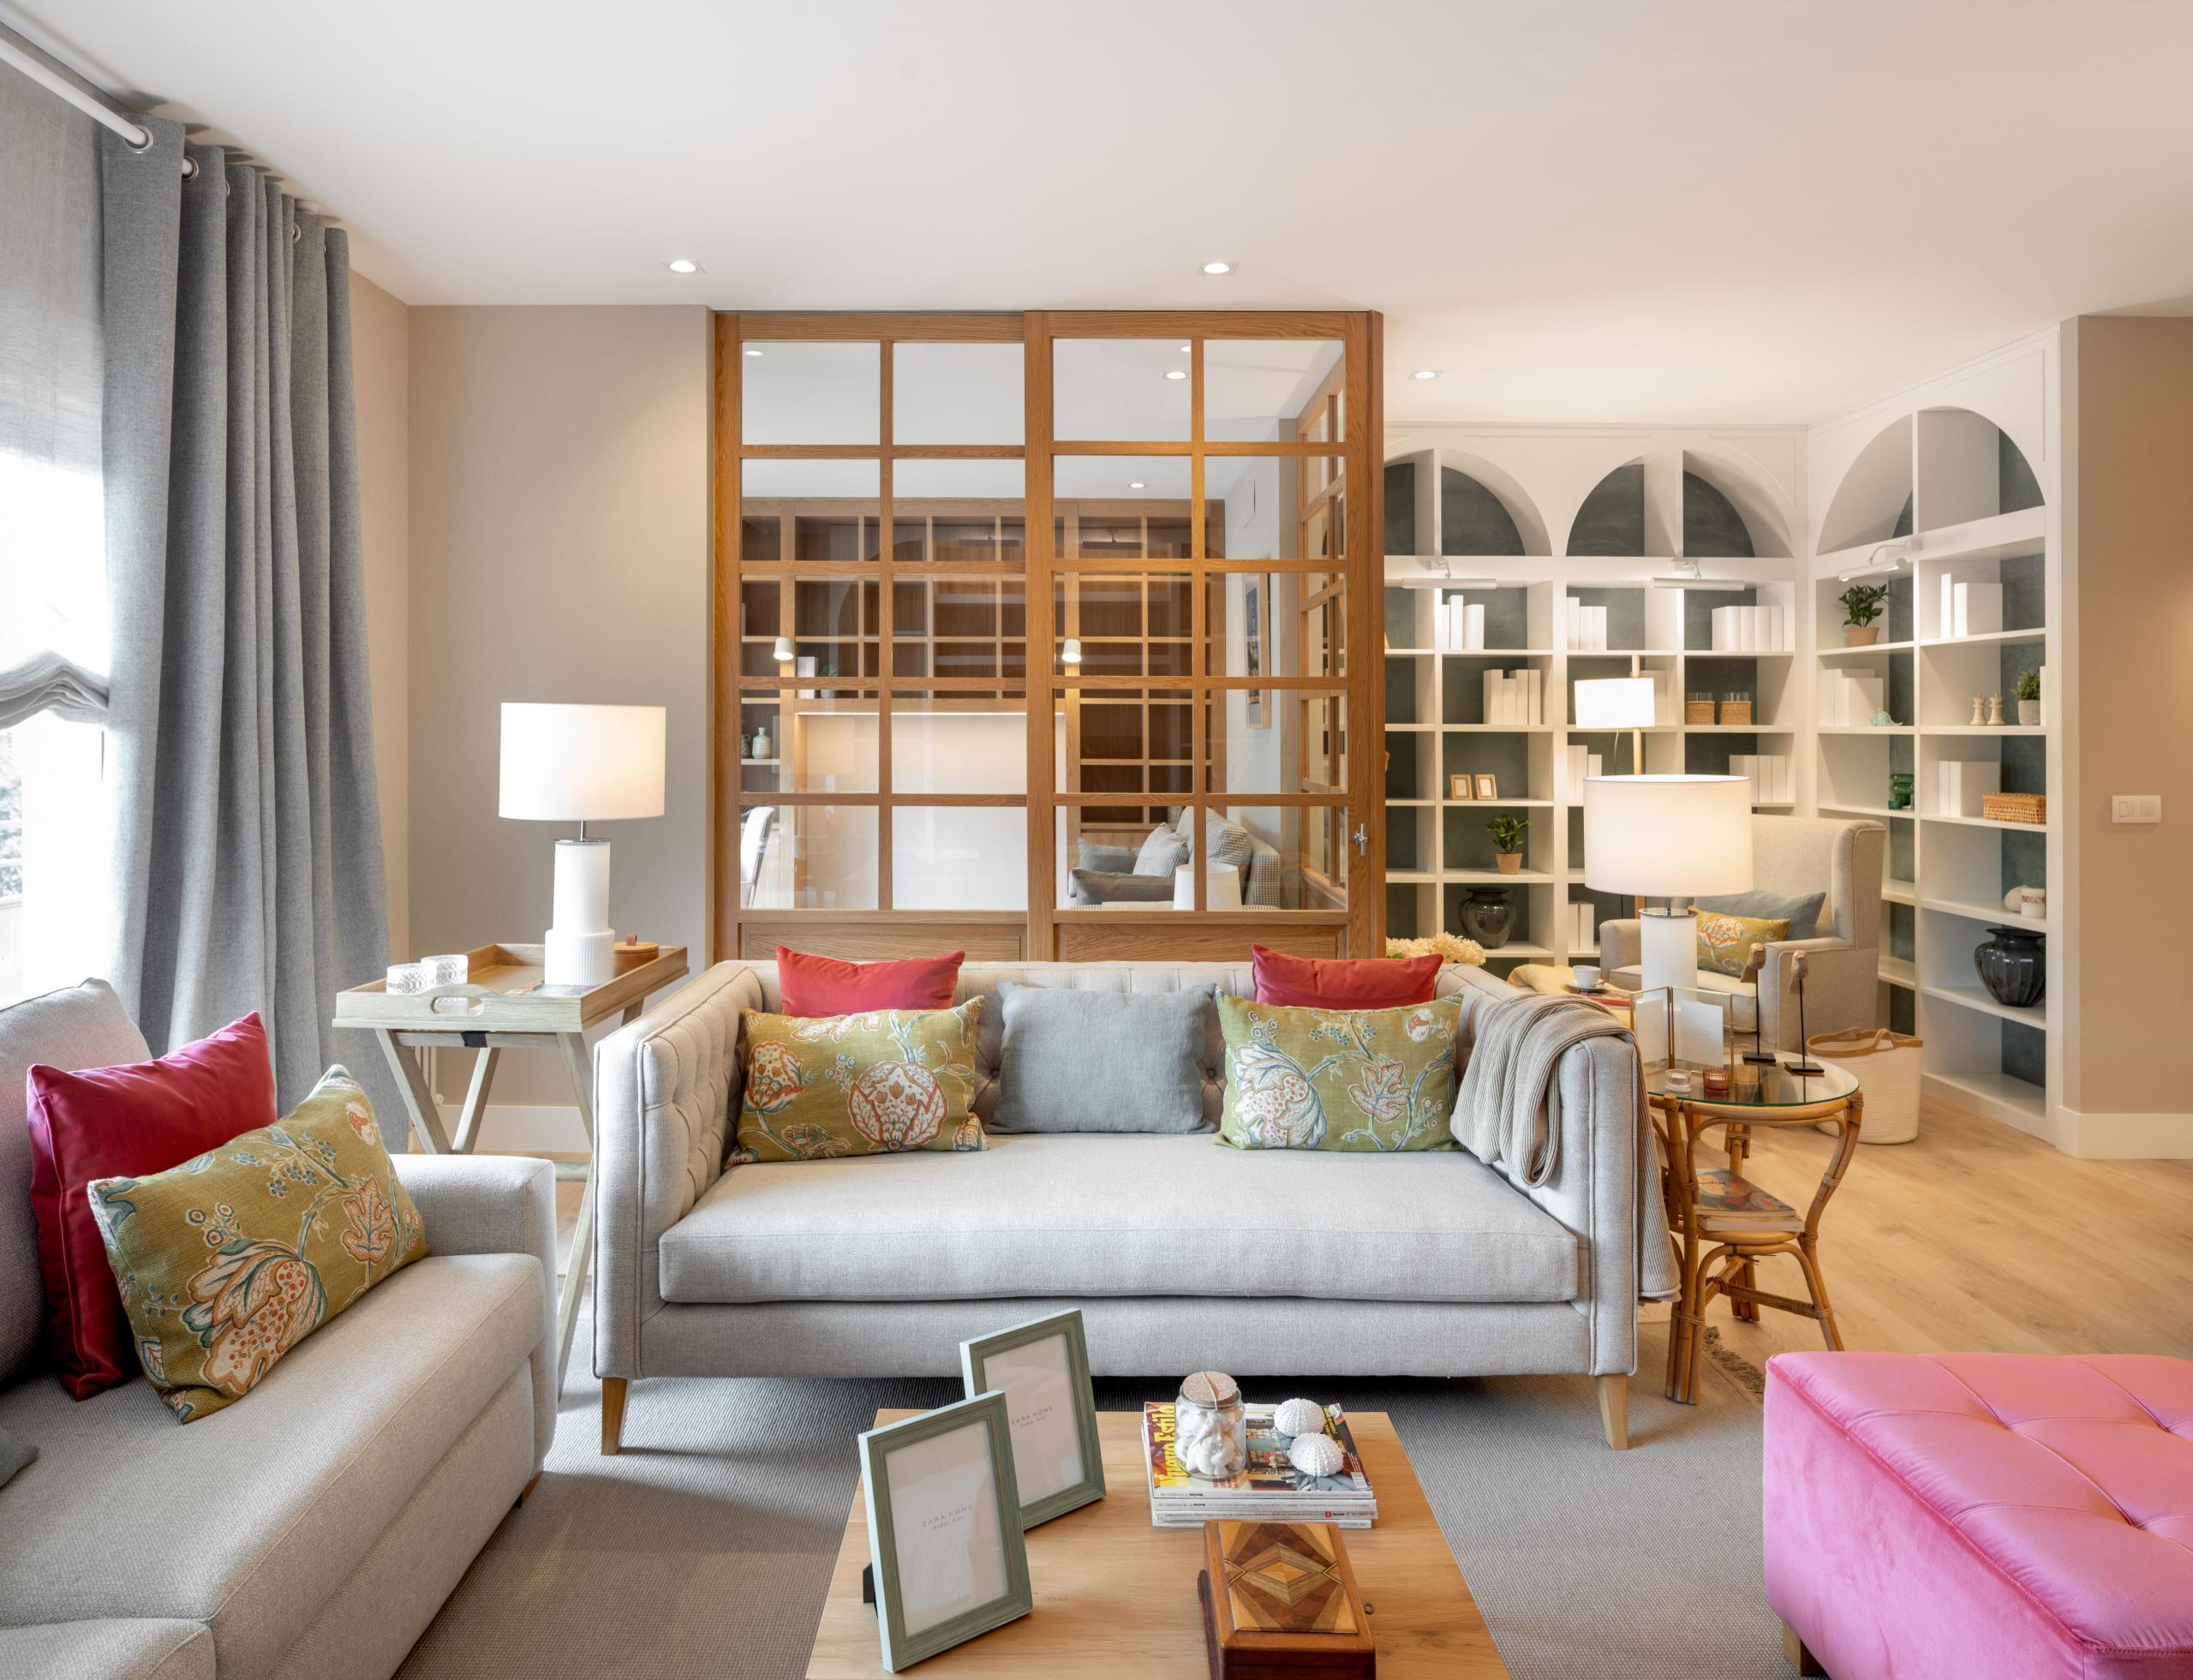 Diseño de salón con biblioteca a medida